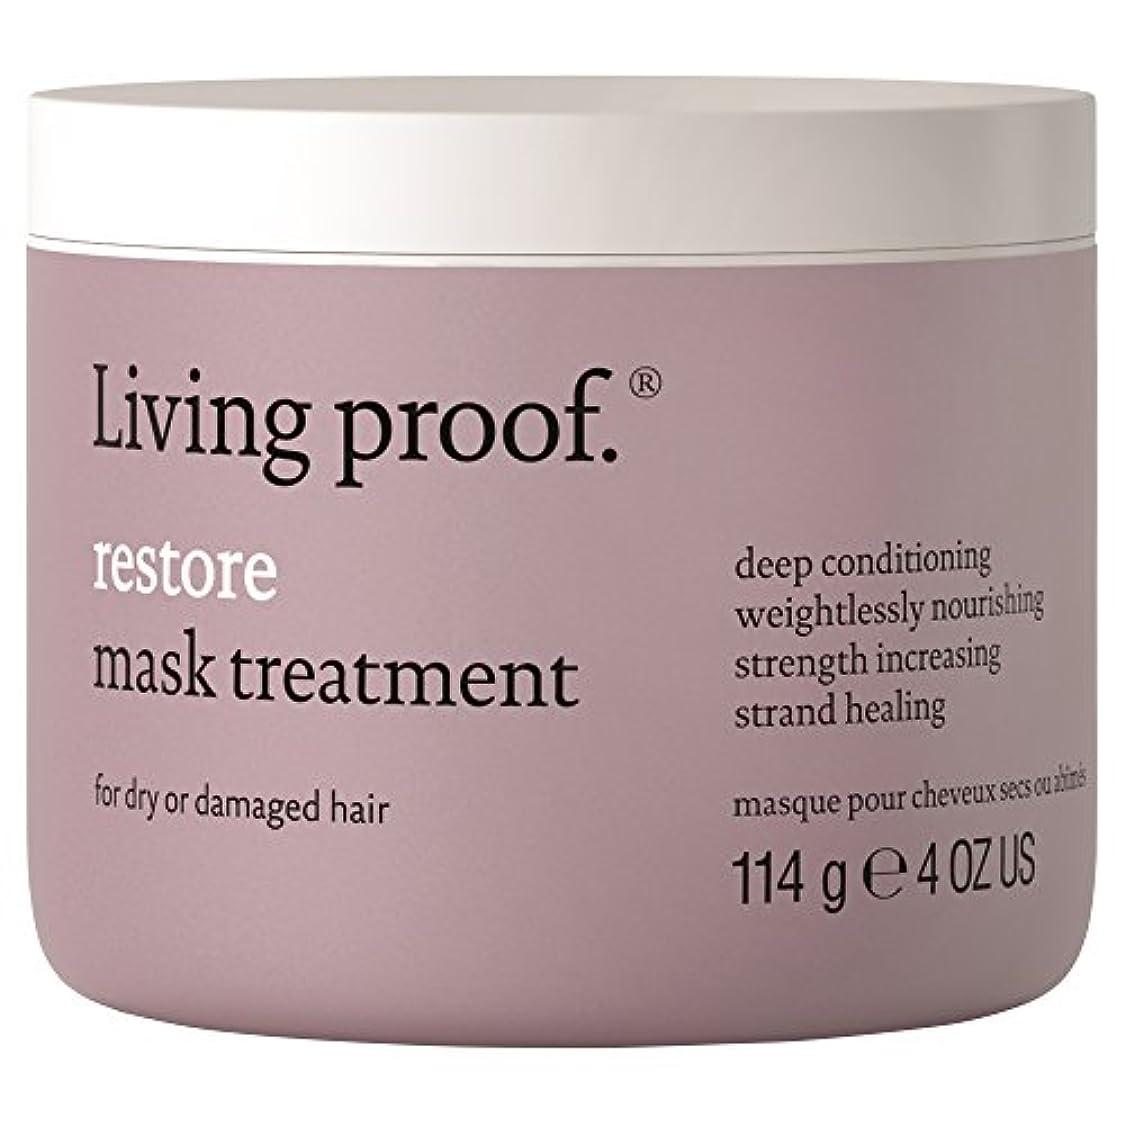 施し精算安息生きている証拠は、マスク処理114グラムを復元します (Living Proof) - Living Proof Restore Mask Treatment 114g [並行輸入品]